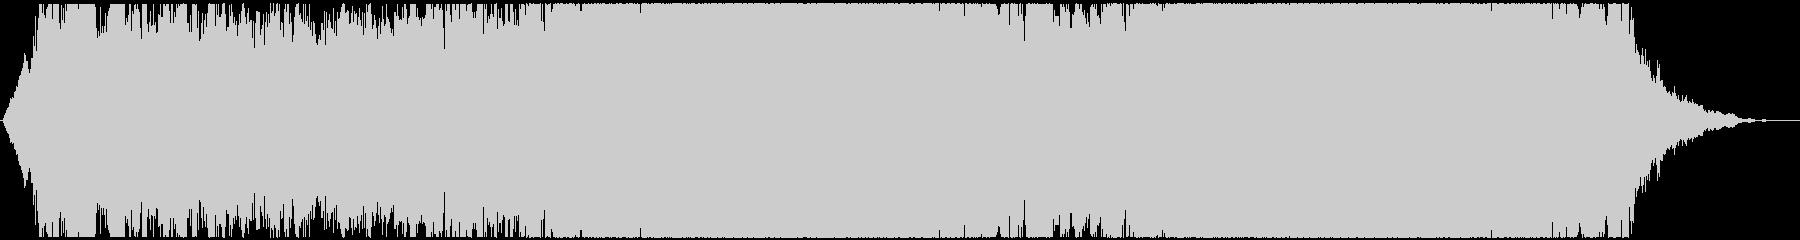 ドローン コールド01の未再生の波形